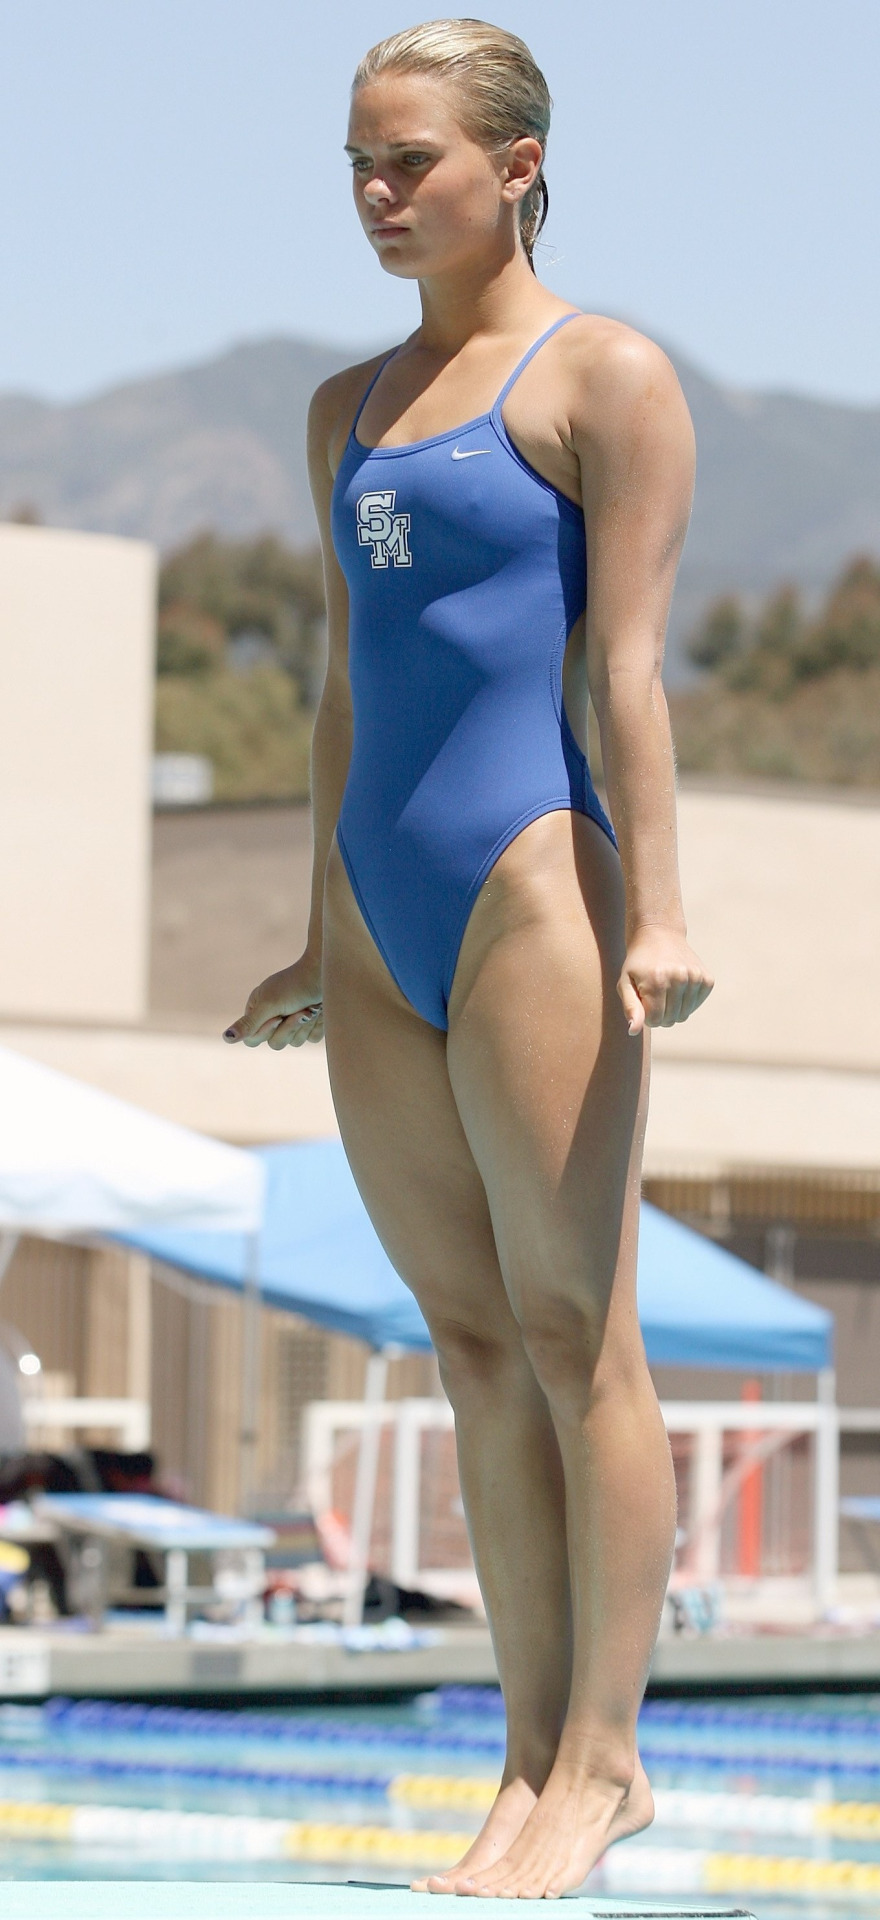 外国人の胸ポチ、ハミ尻が抜ける競泳水着姿のエロ画像33枚・5枚目の画像